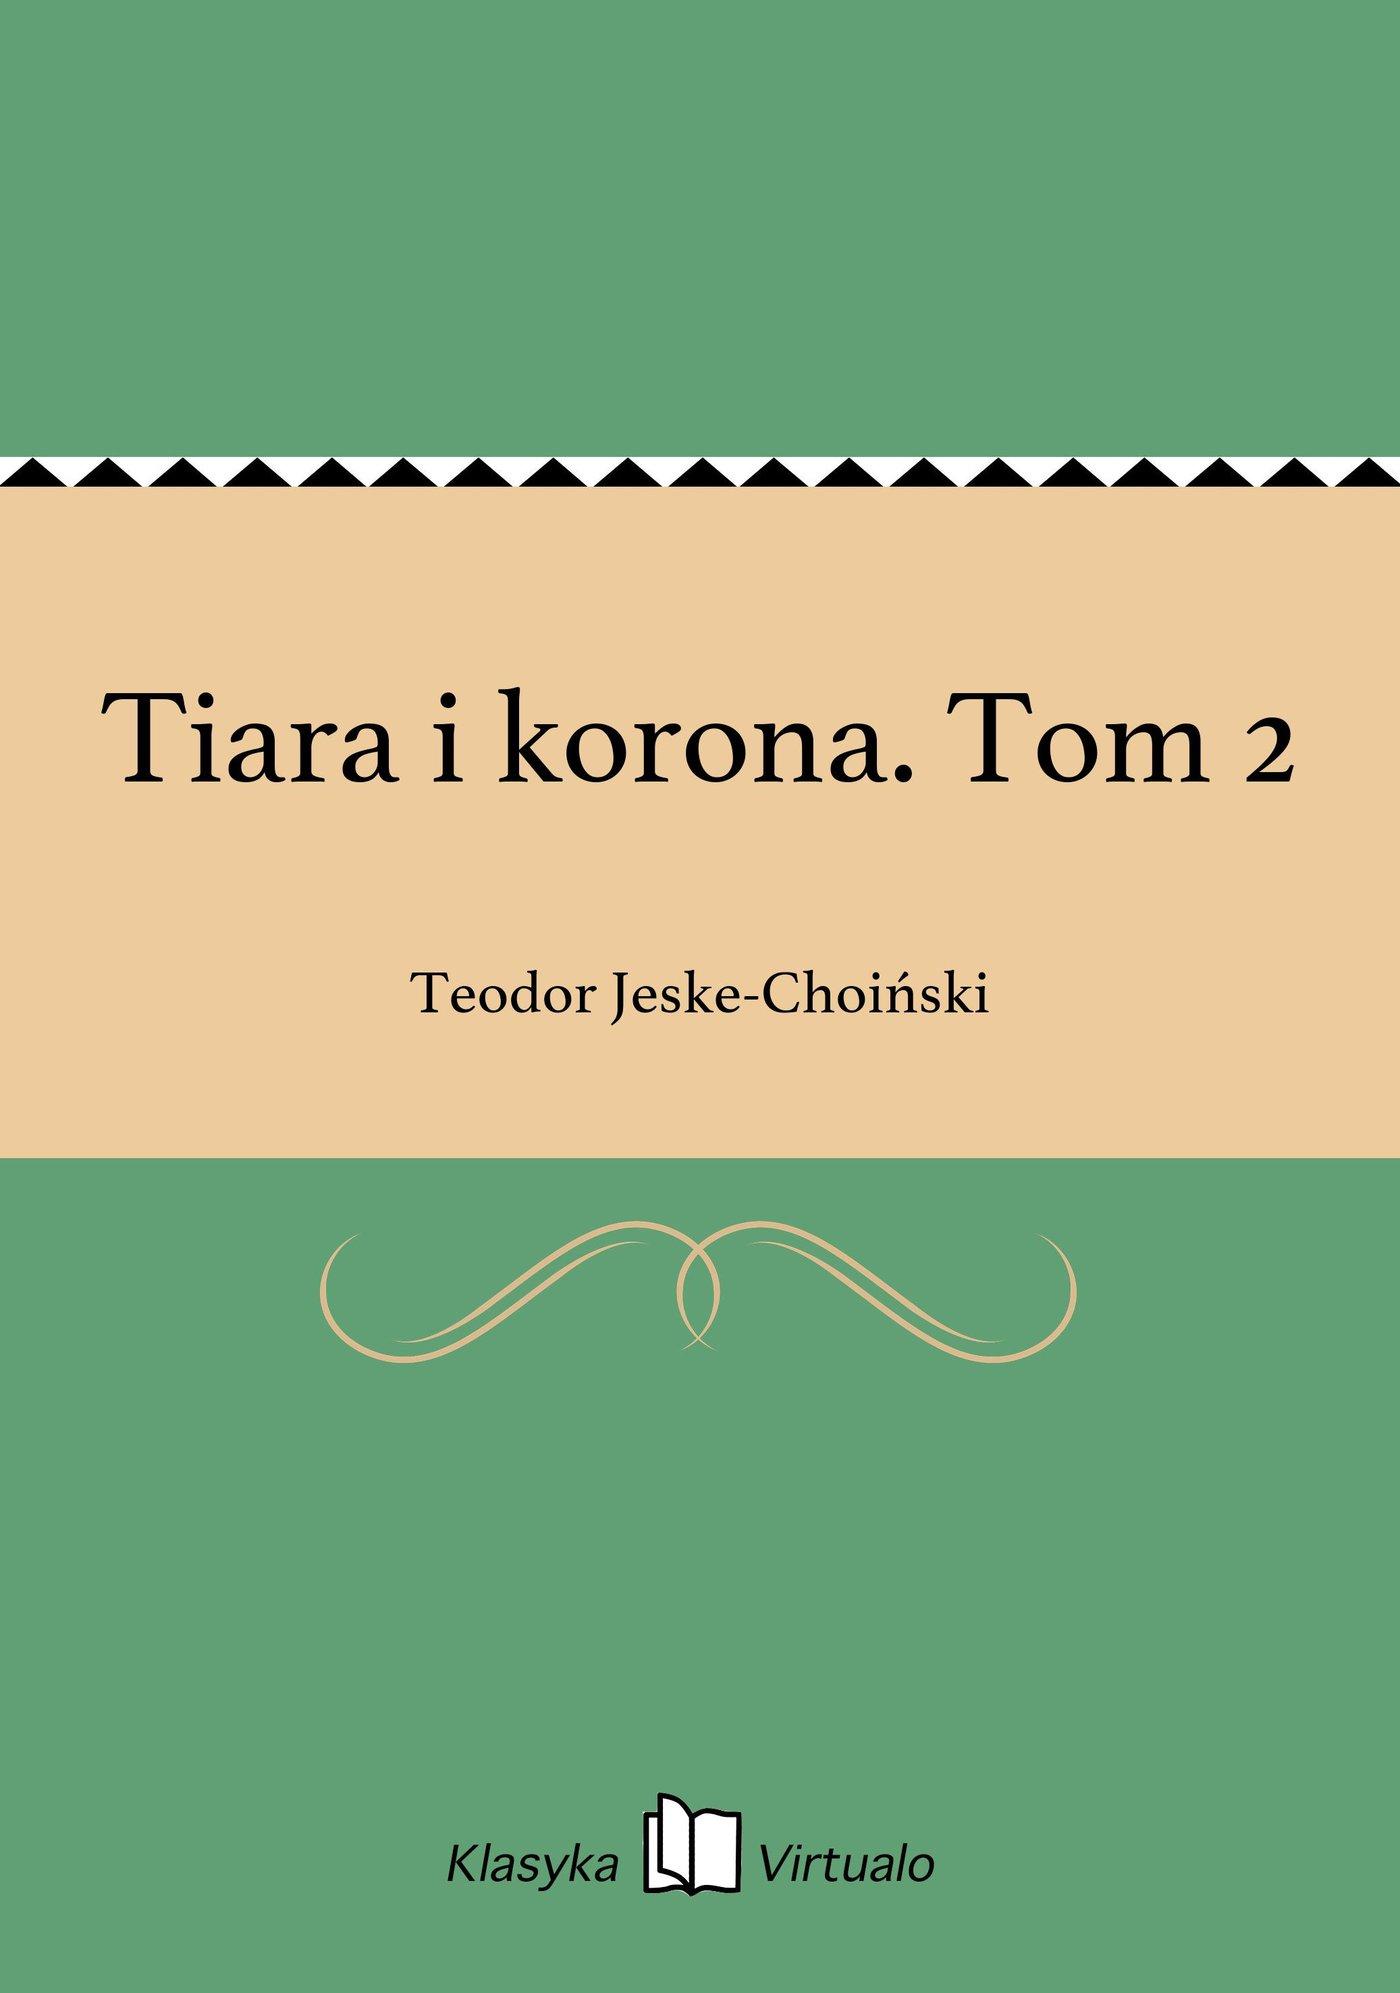 Tiara i korona. Tom 2 - Ebook (Książka na Kindle) do pobrania w formacie MOBI